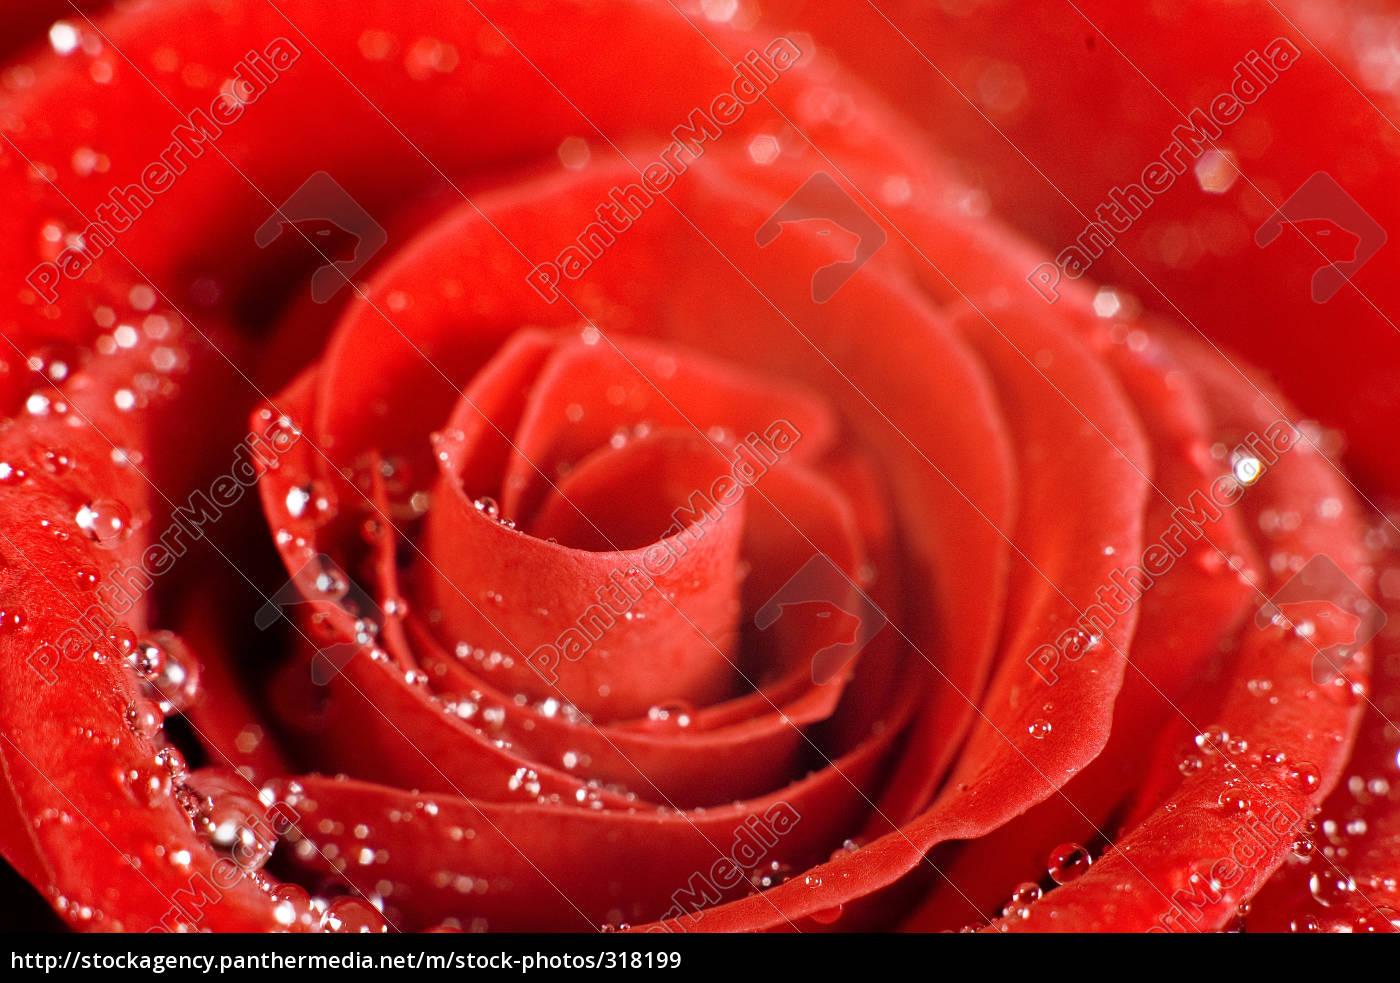 rose2 - 318199